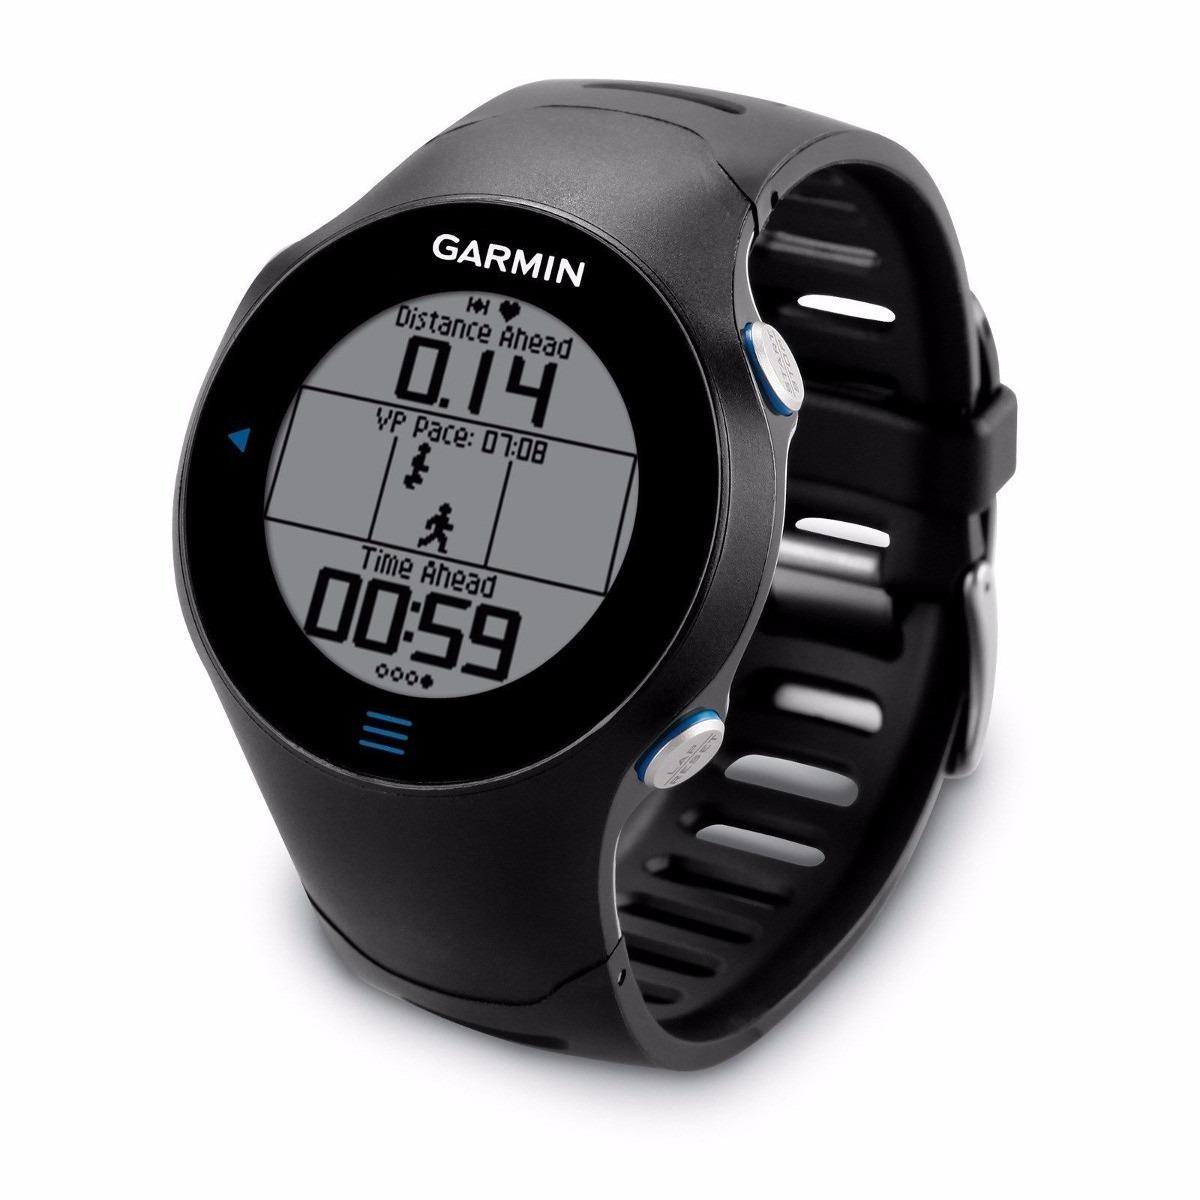 cca31b04e0d relógio garmin forerunner 610 gps + cinta hrm1 + ant stick. Carregando zoom.